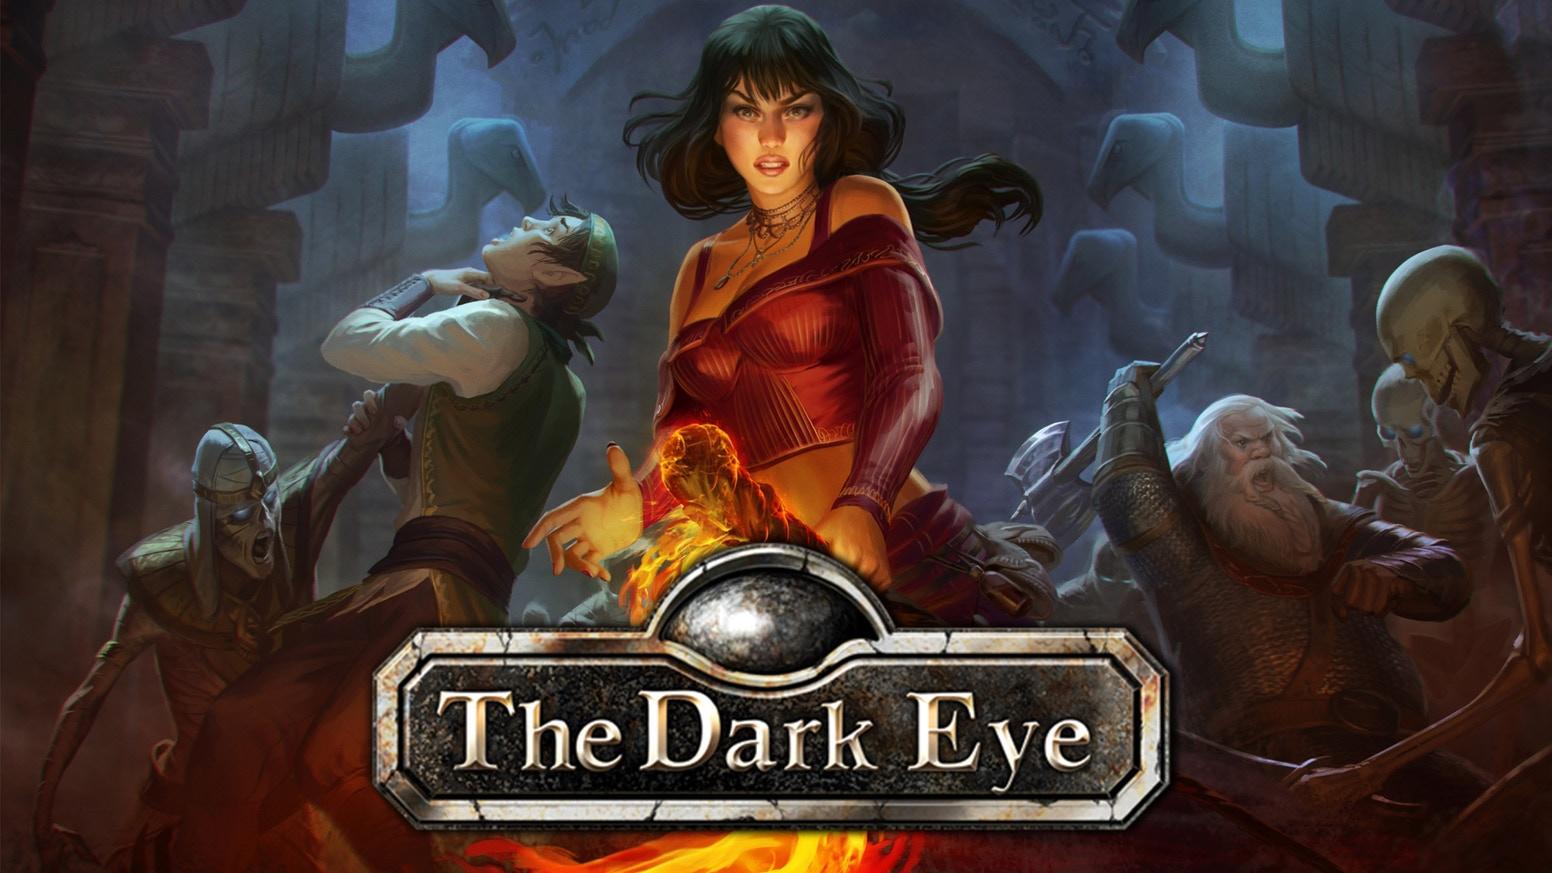 [The Dark Eye 5ed.][Emmanus][Topic di Gioco] -Gli schiavisti di Reichforst